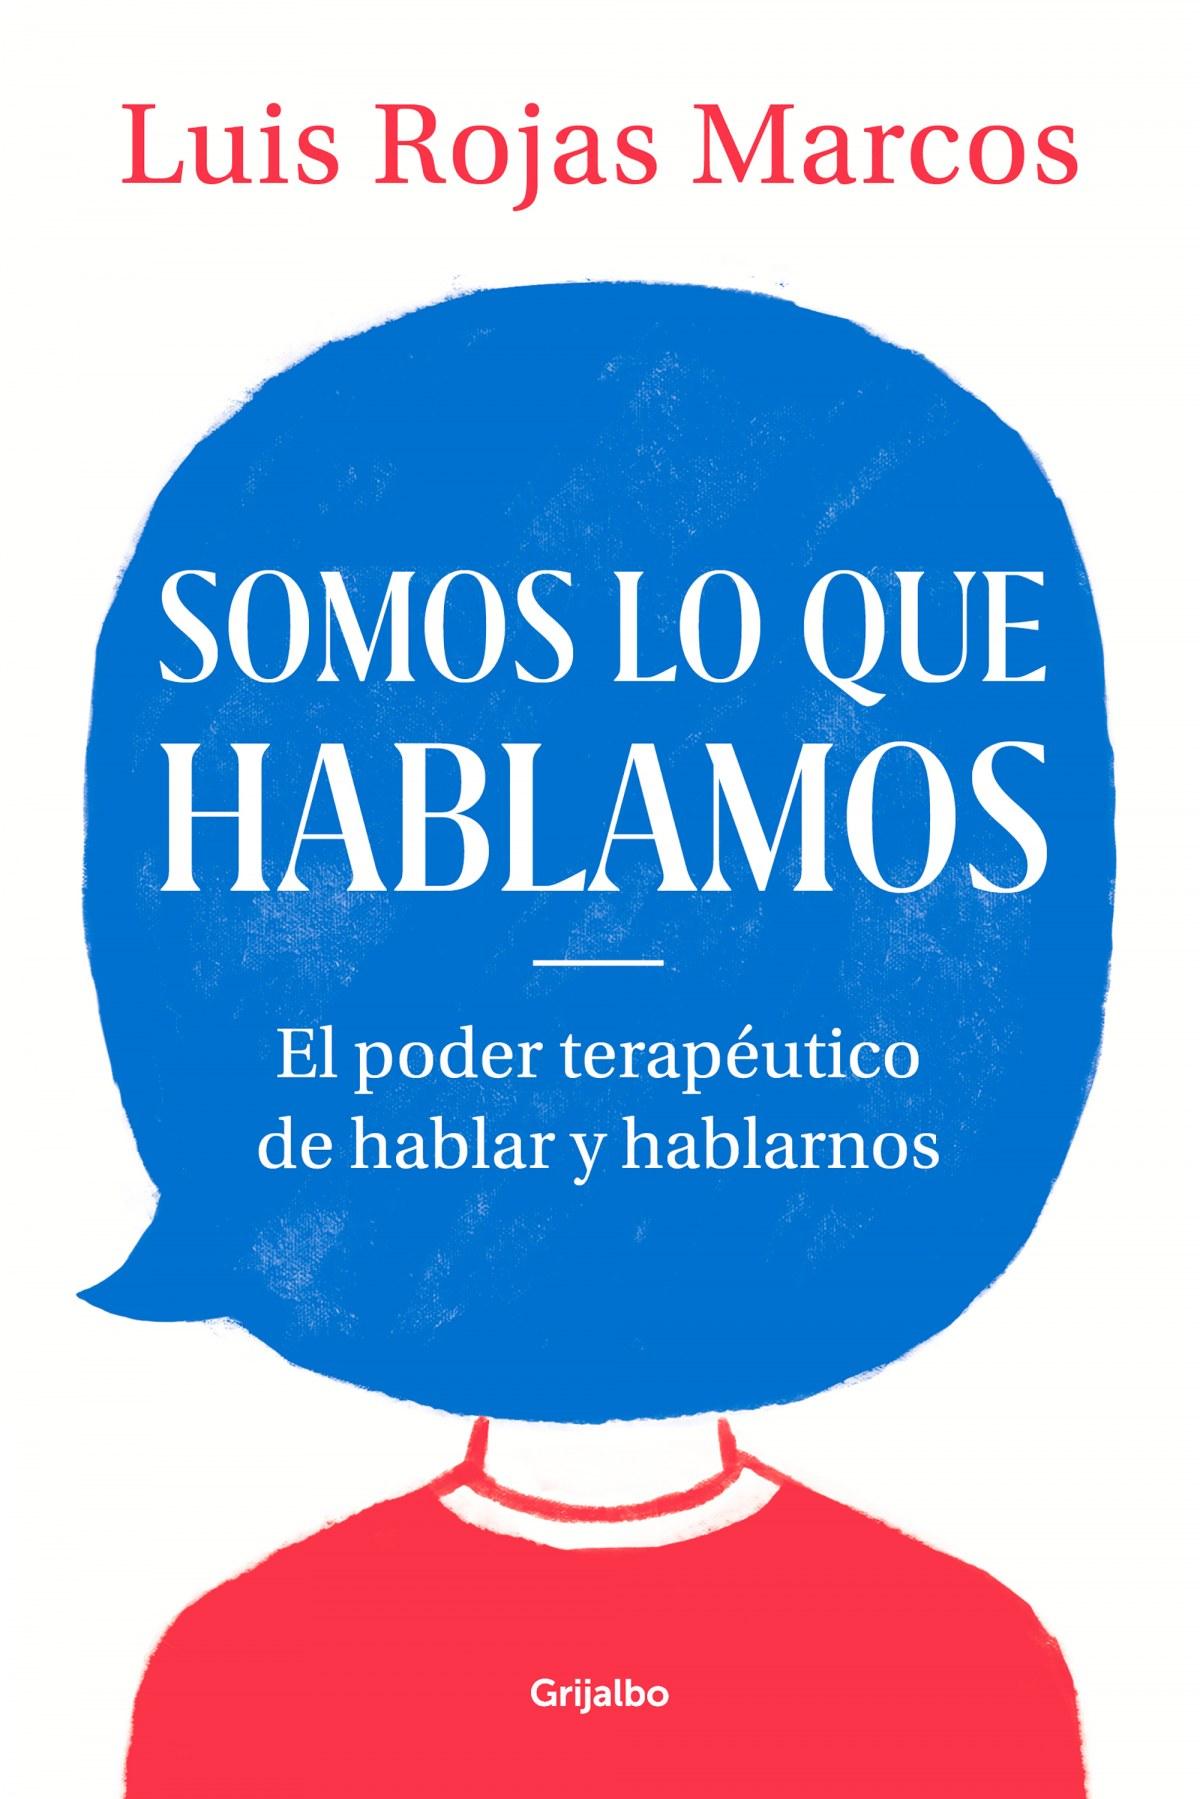 SOMOS LO QUE HABLAMOS 9788425357619